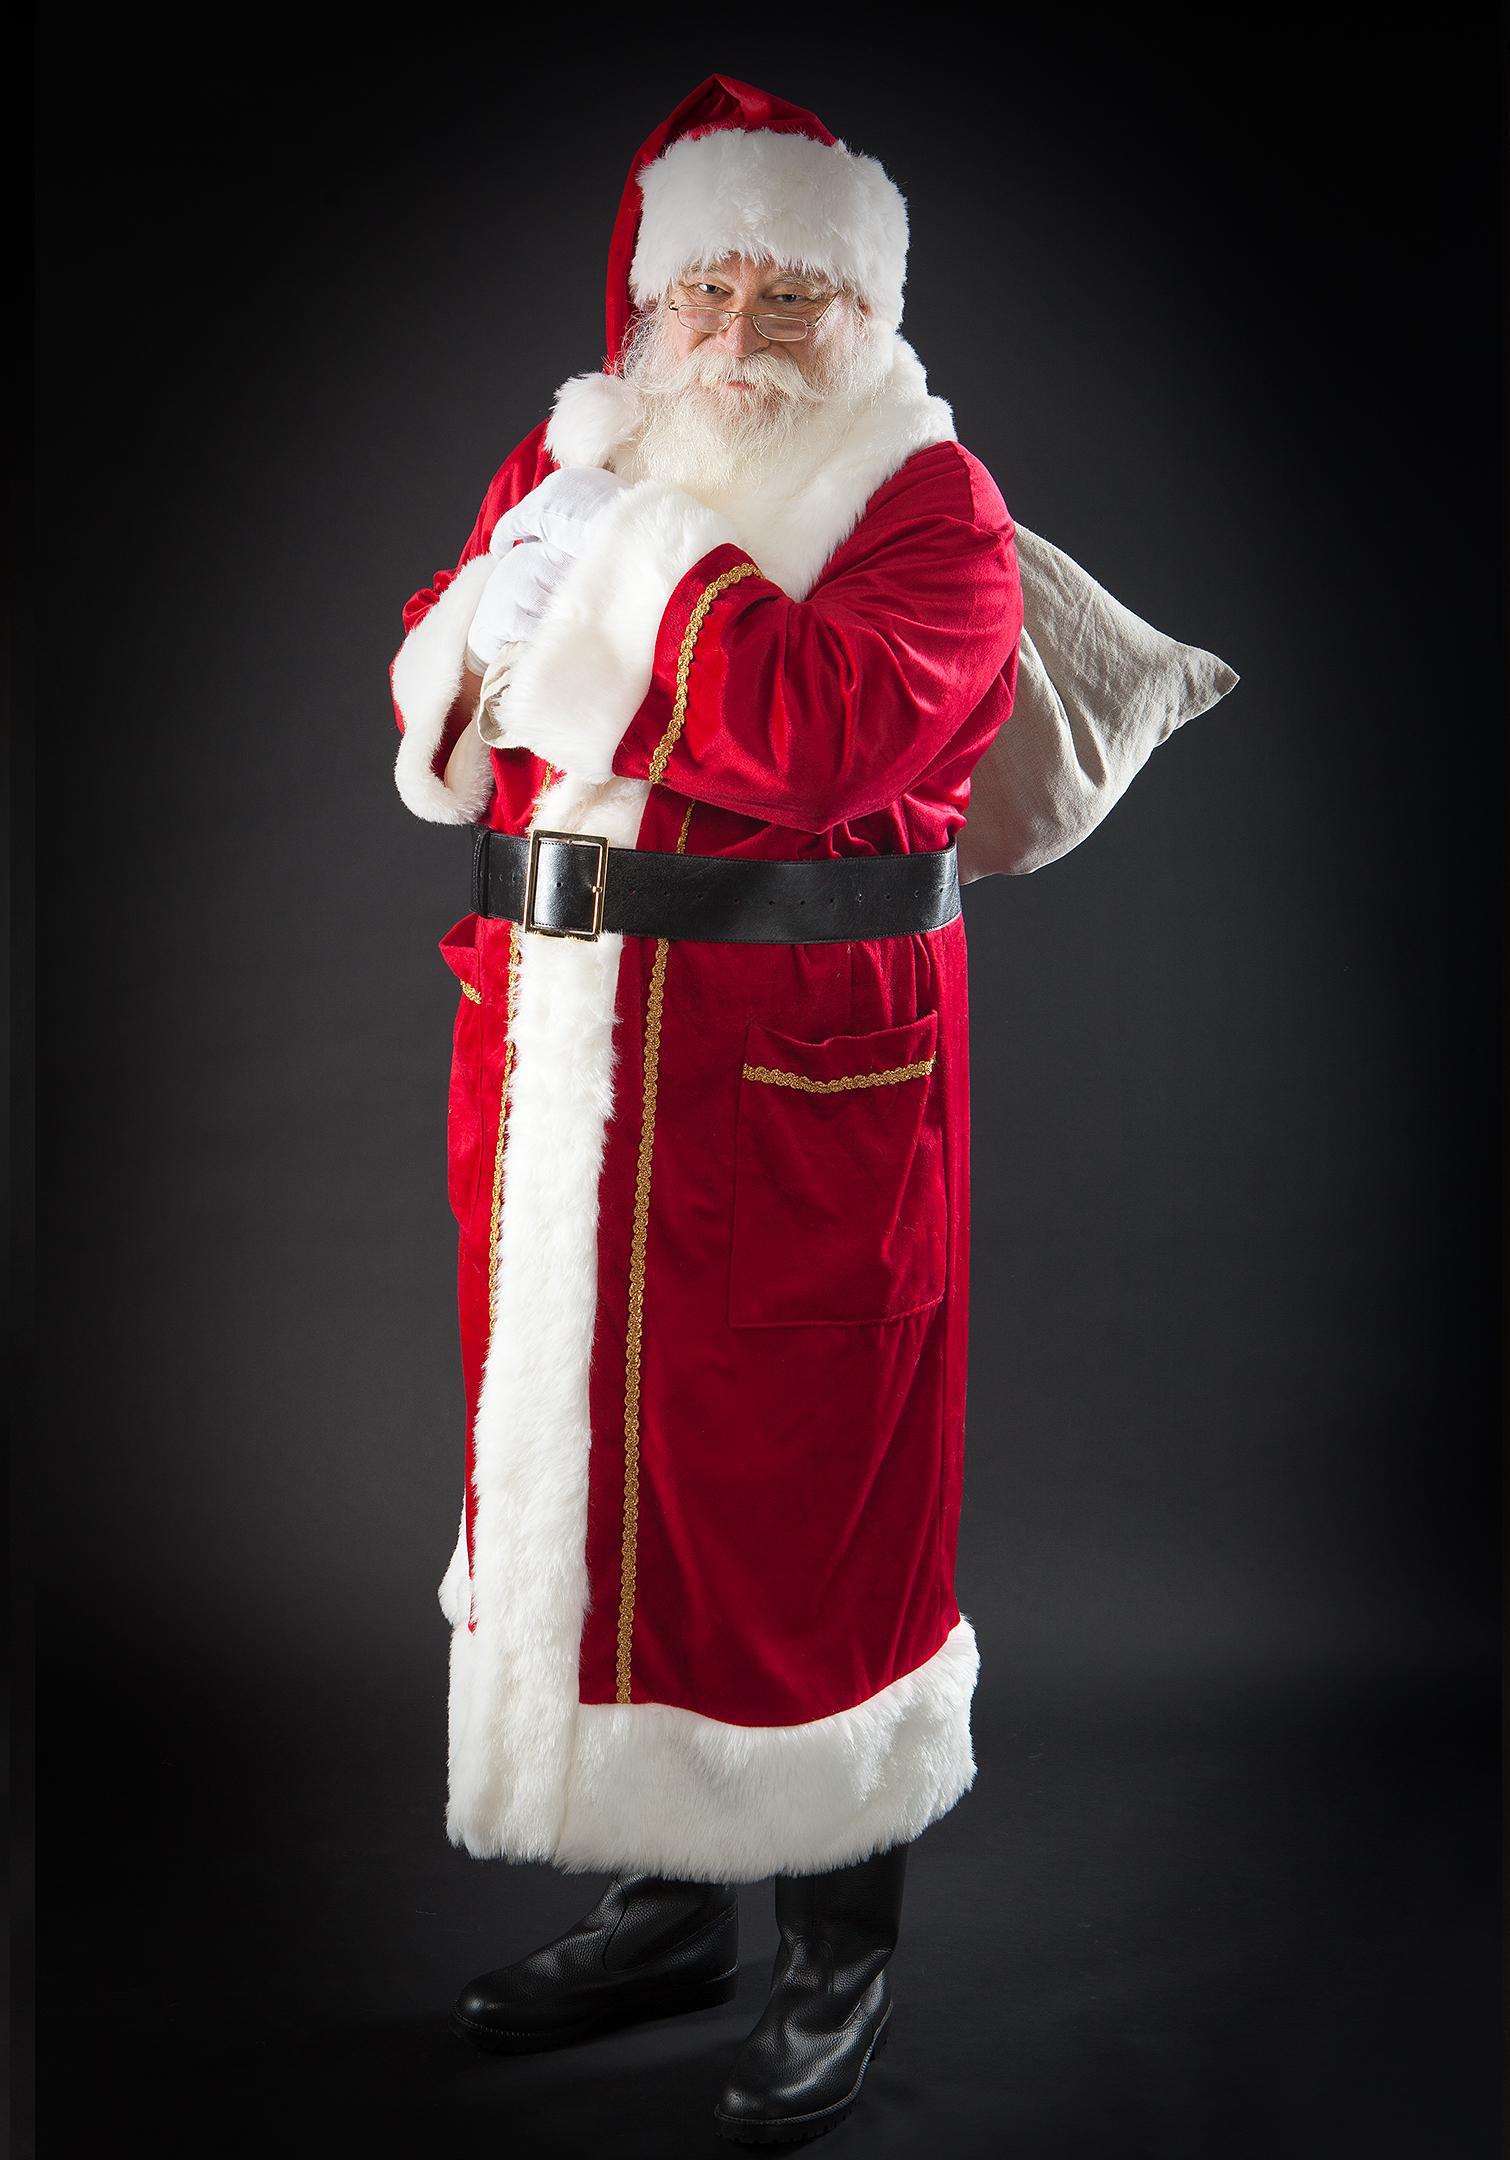 uwe premium weihnachtsm nner